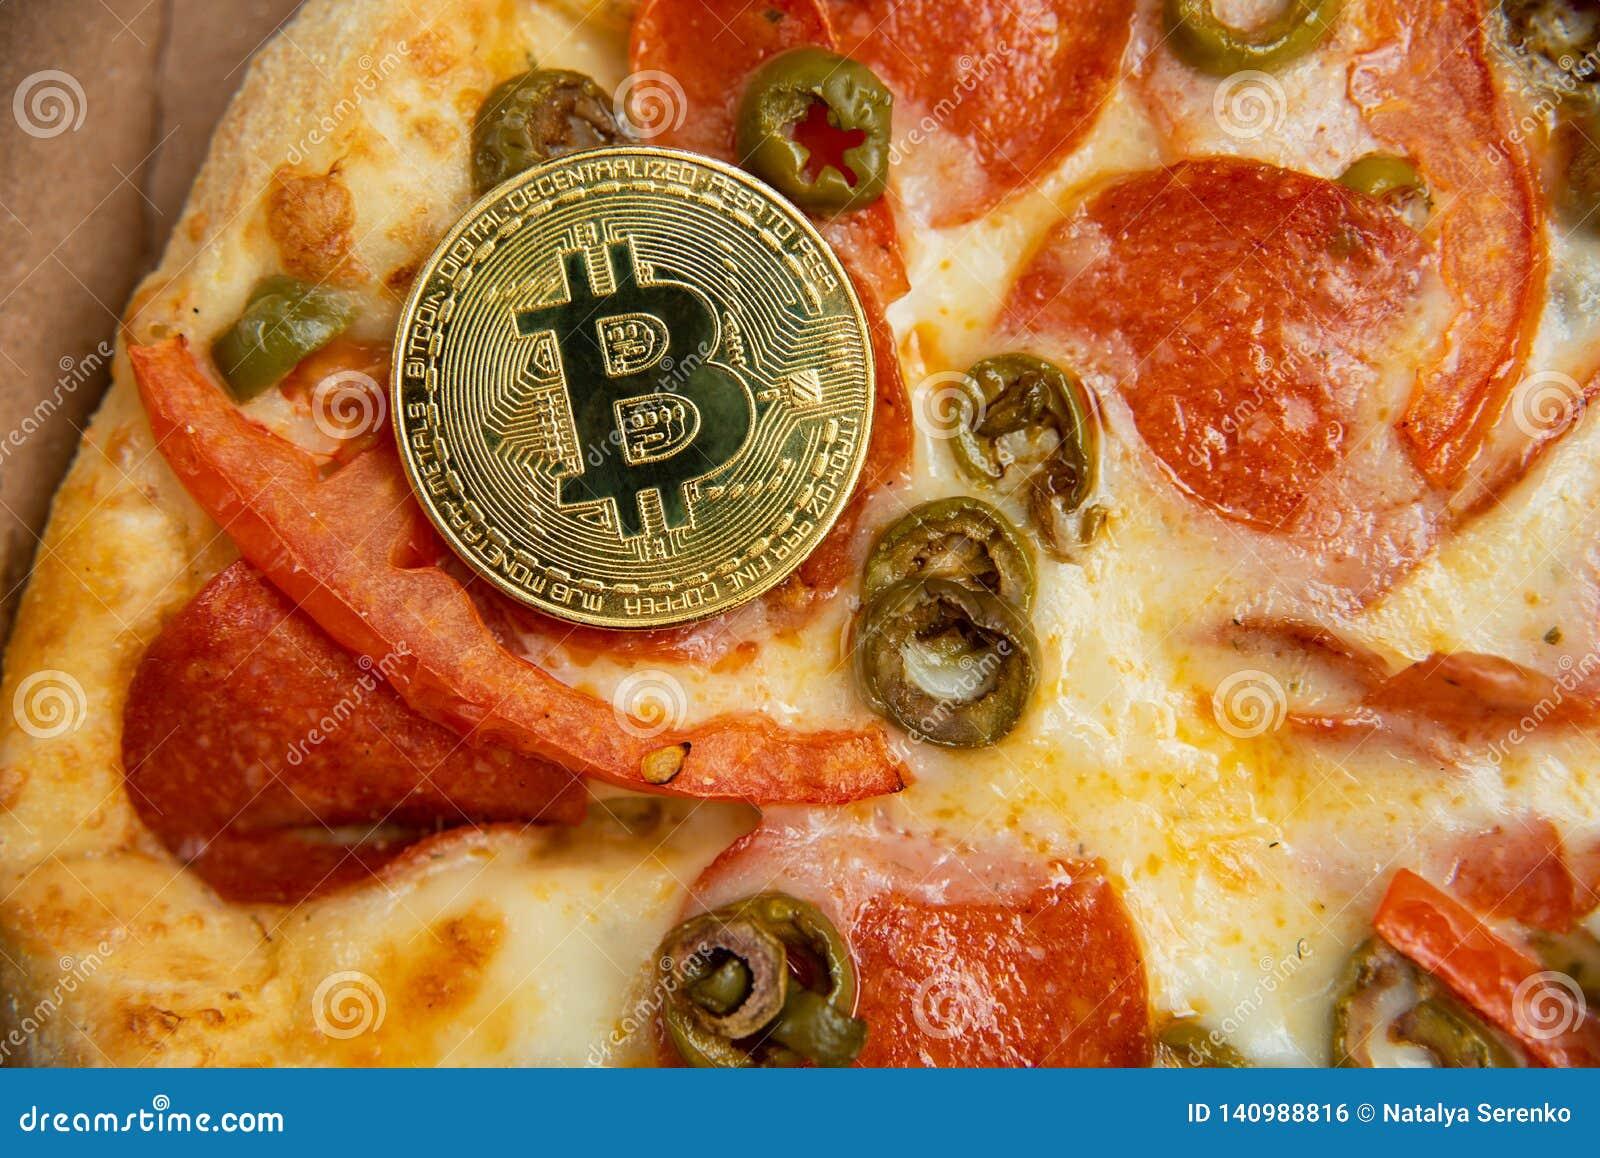 pizza giorno bitcoin)